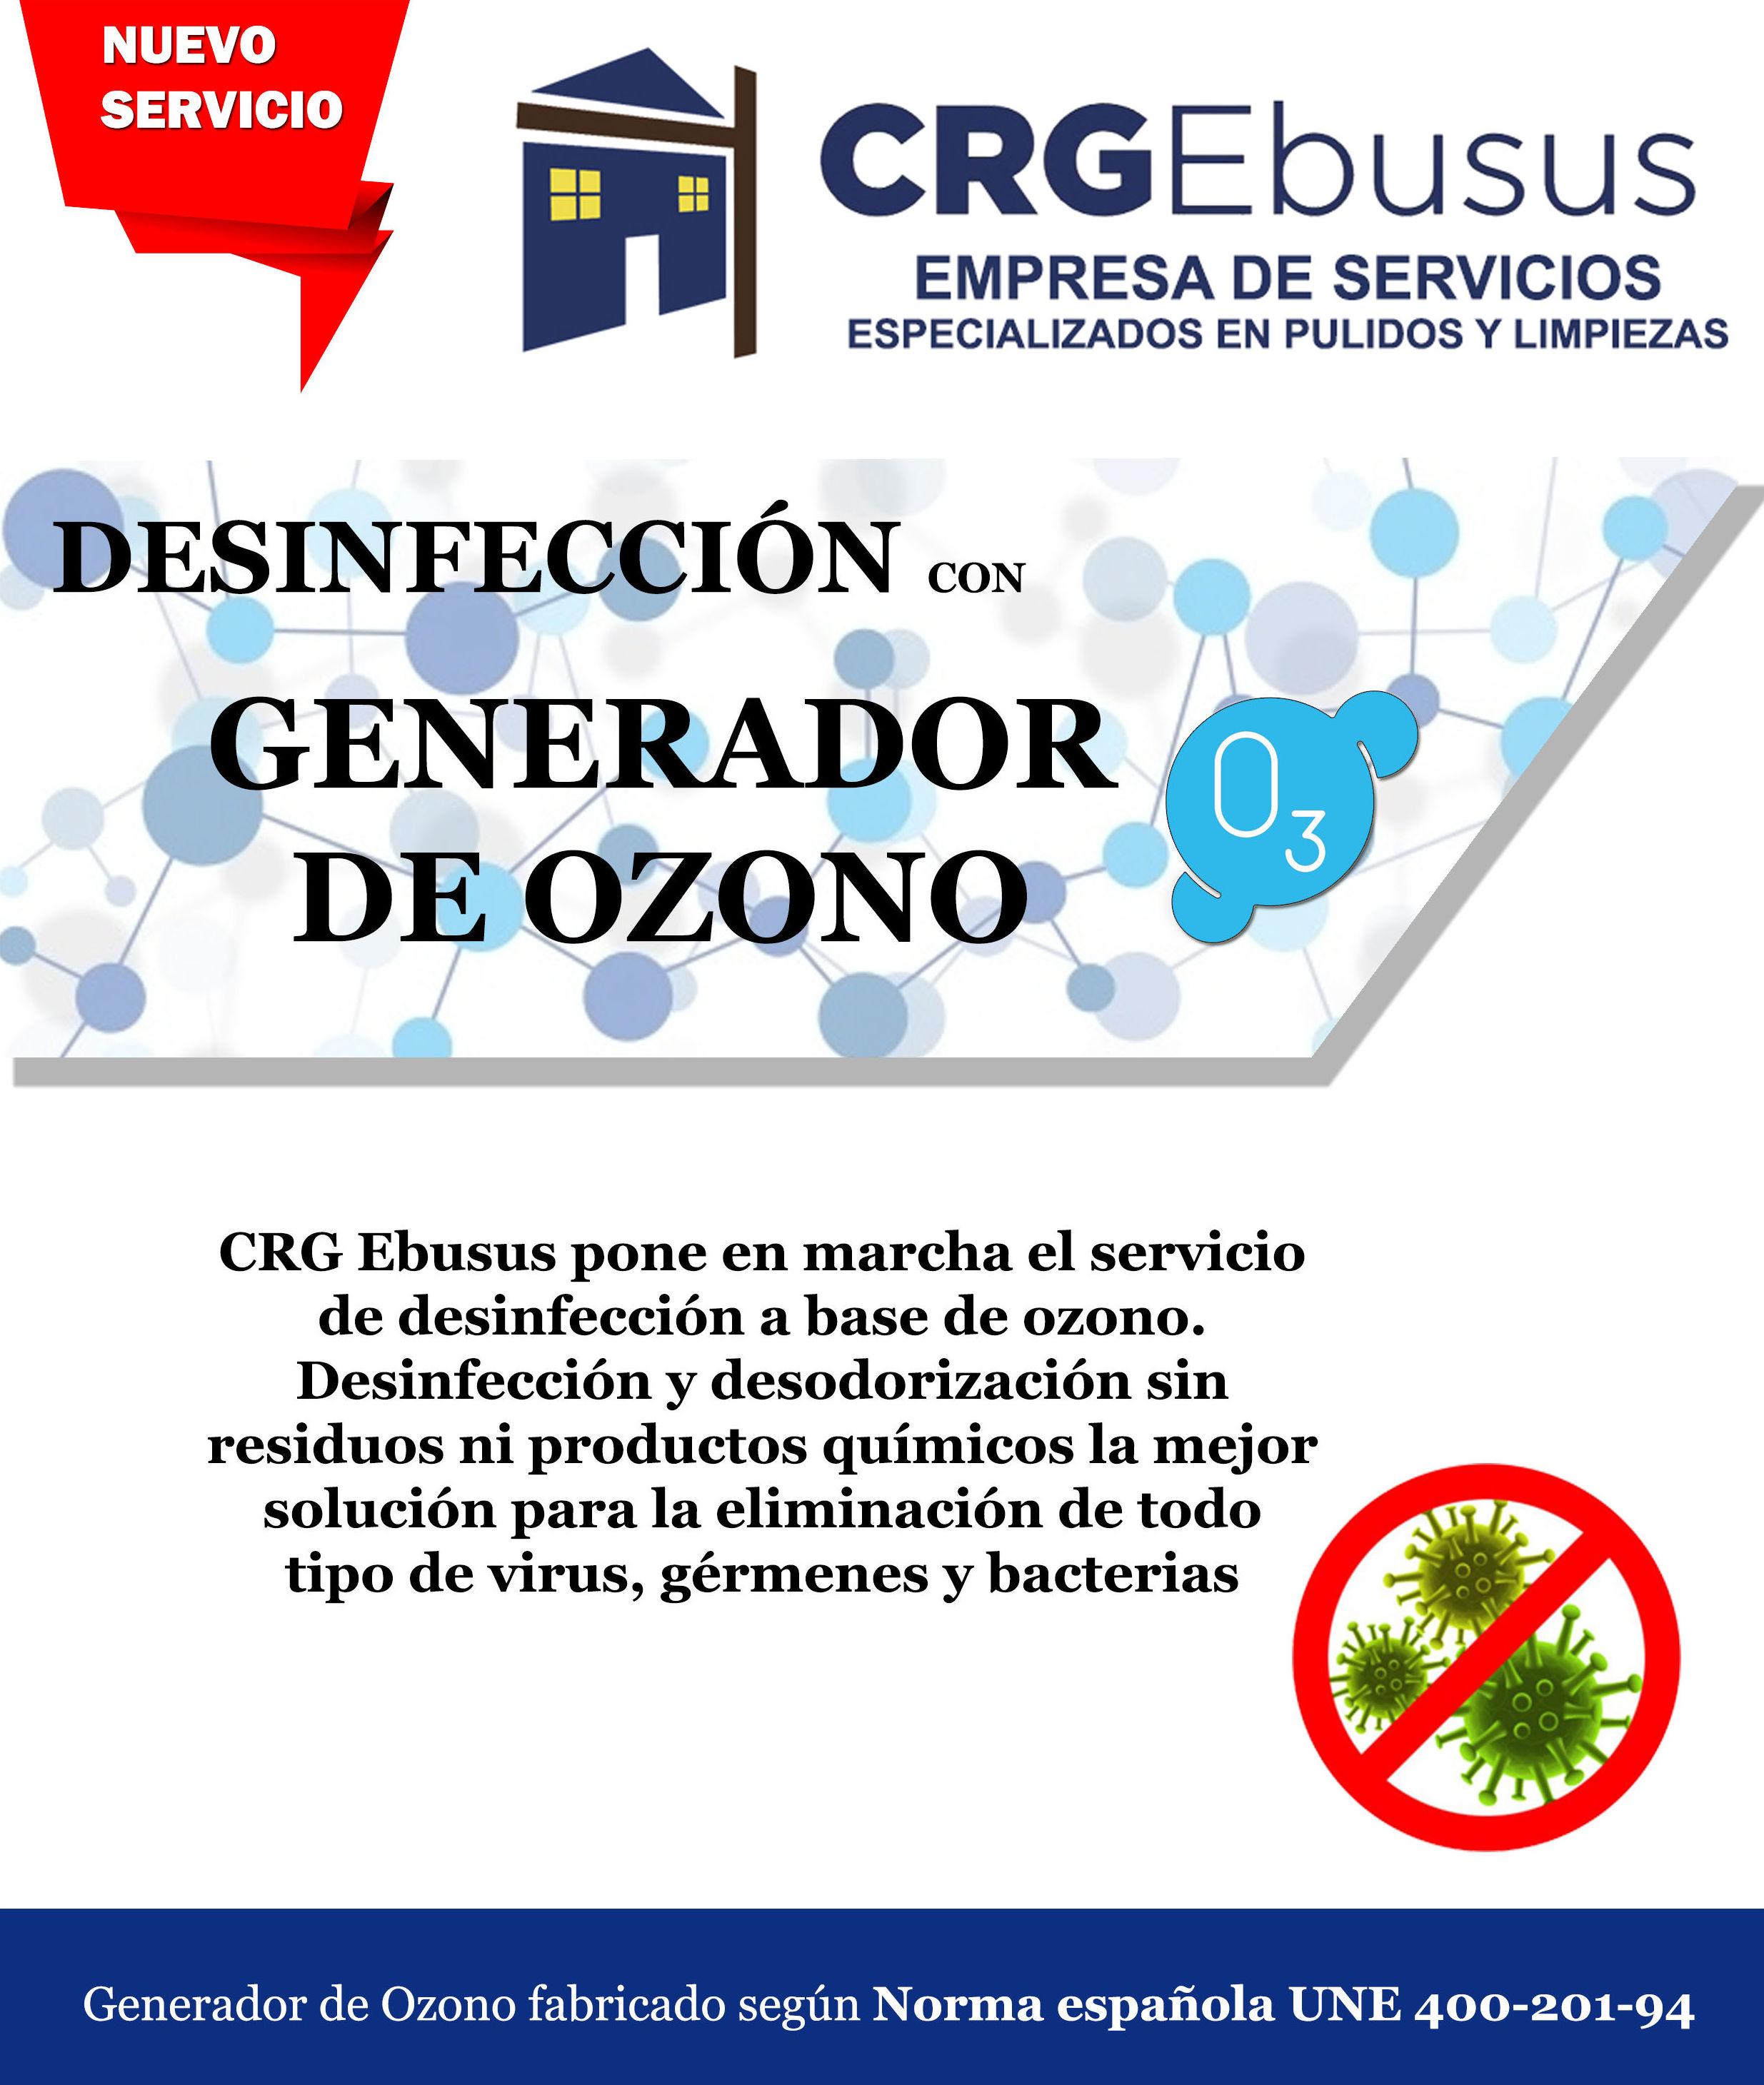 Generador de Ozono: Servicios de CRG Ebusus